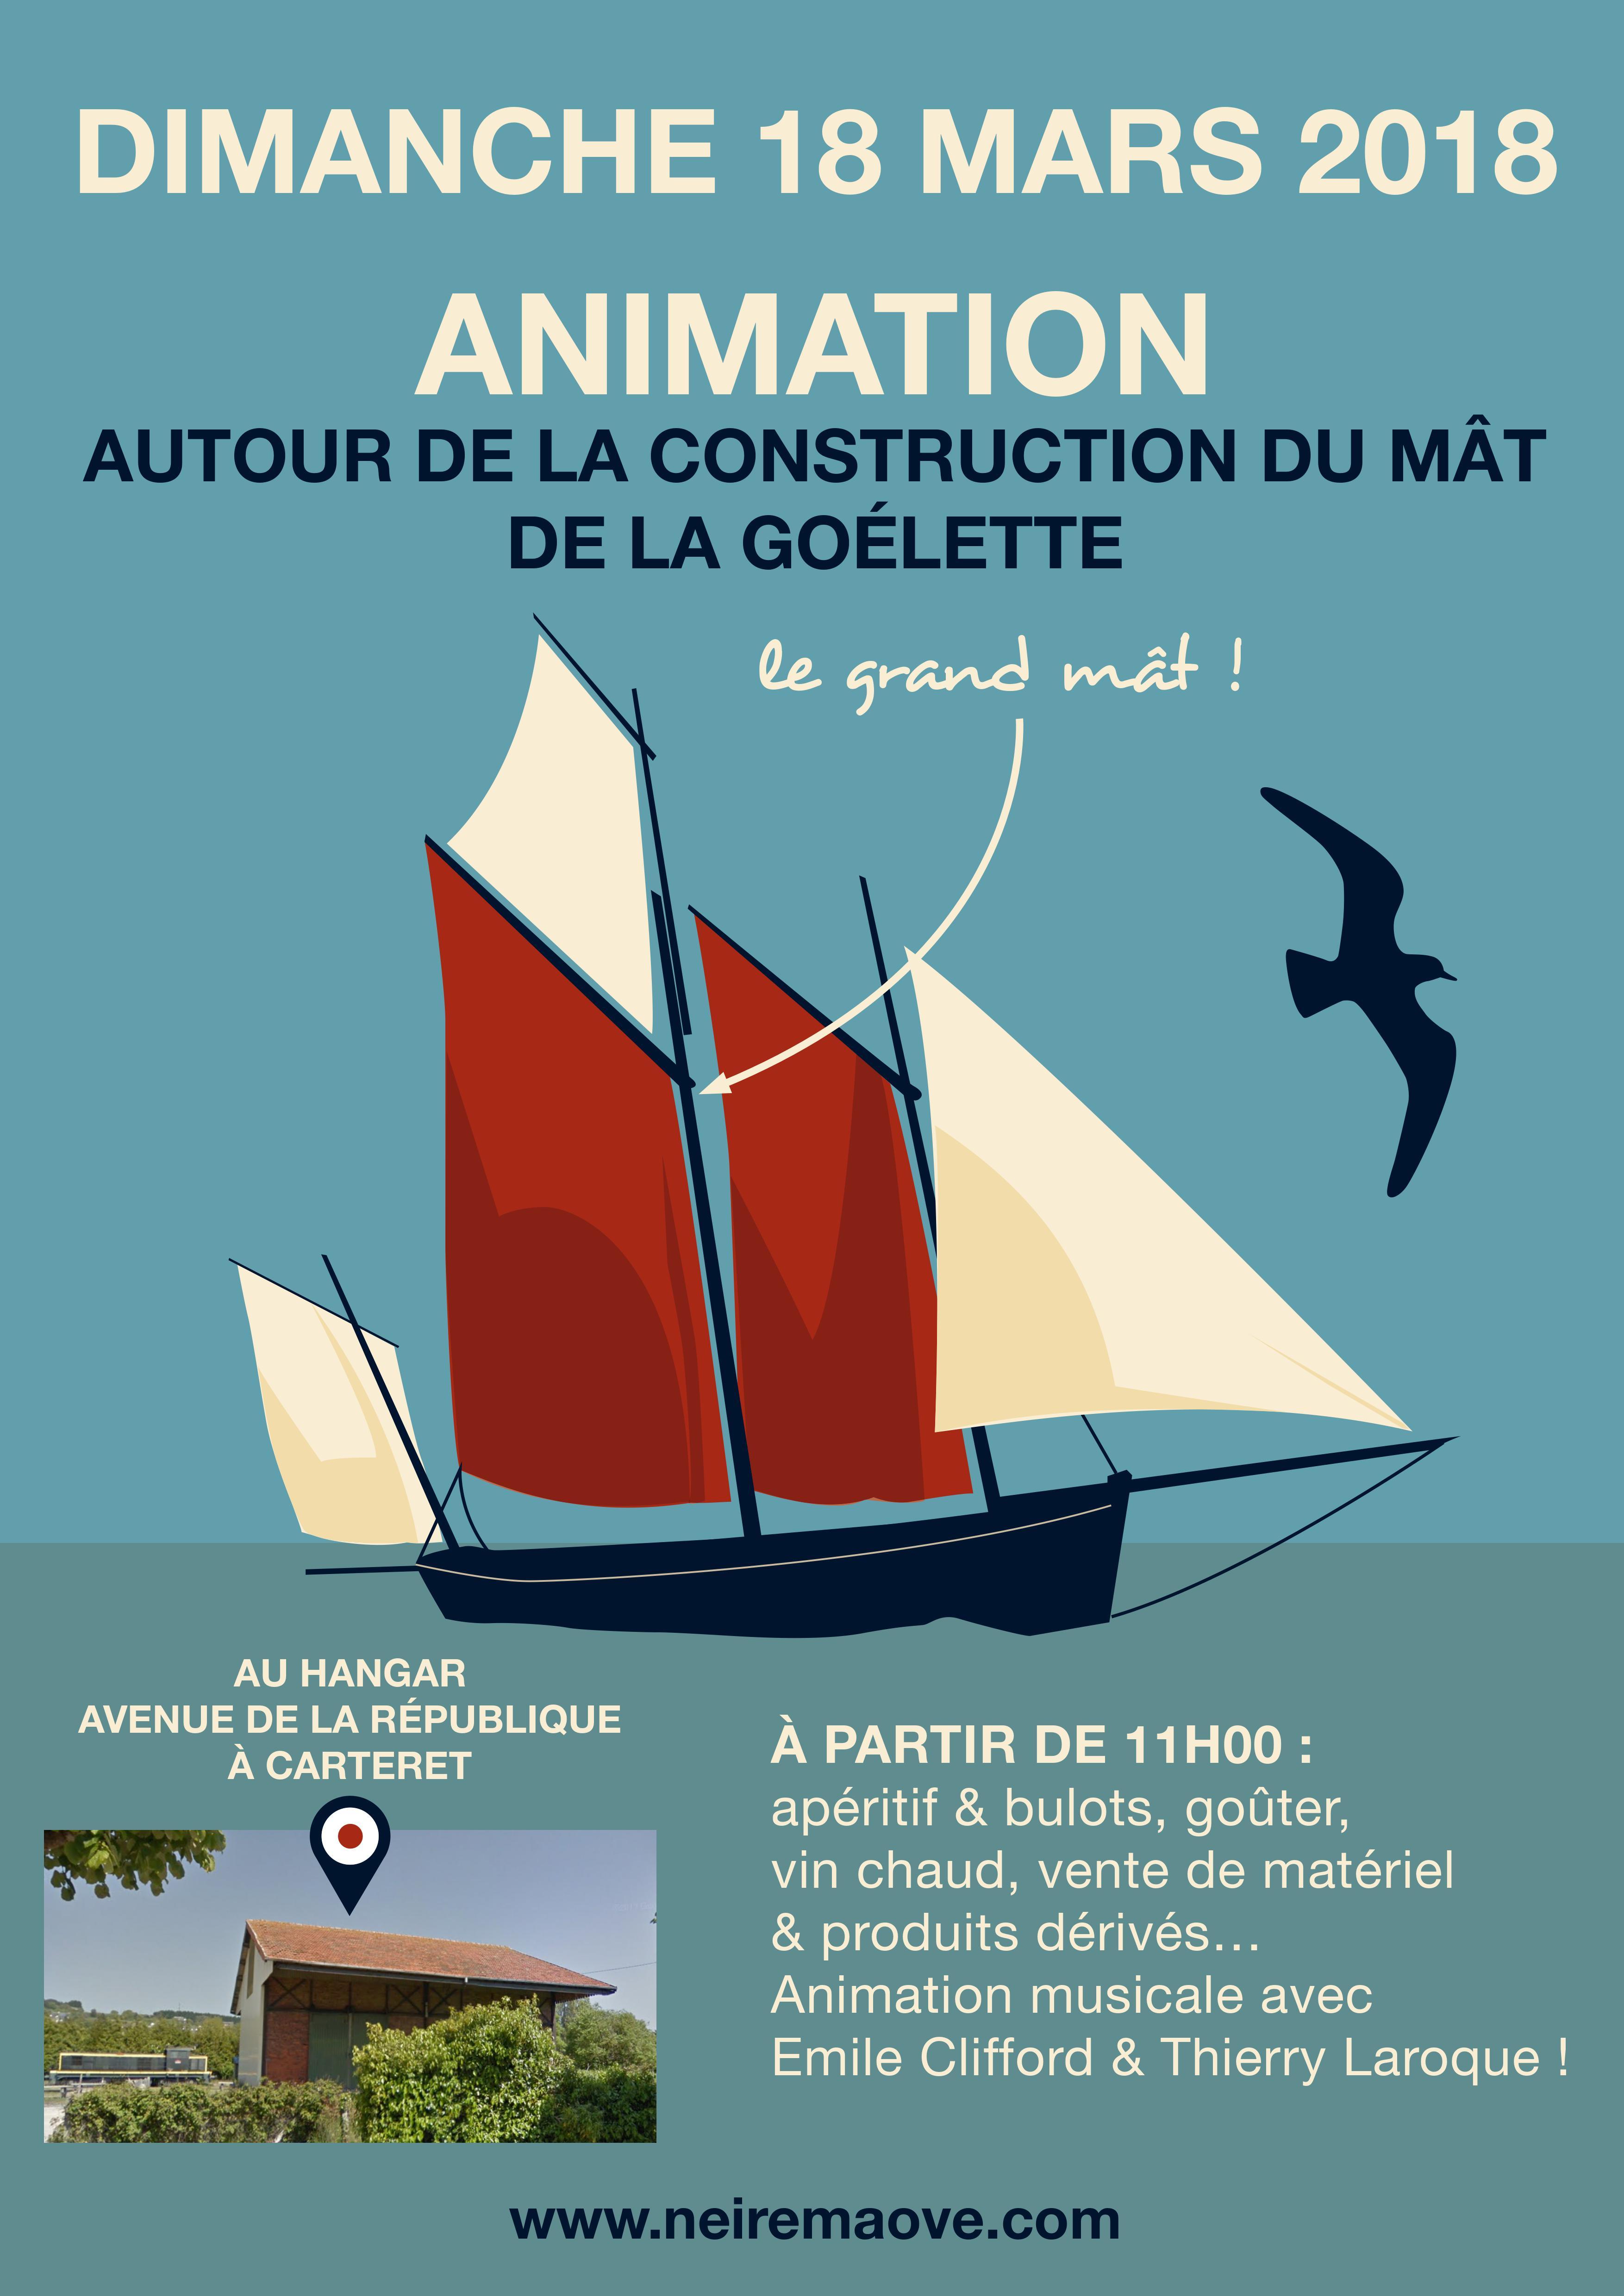 Animation autour de la Goélette du Cotentin